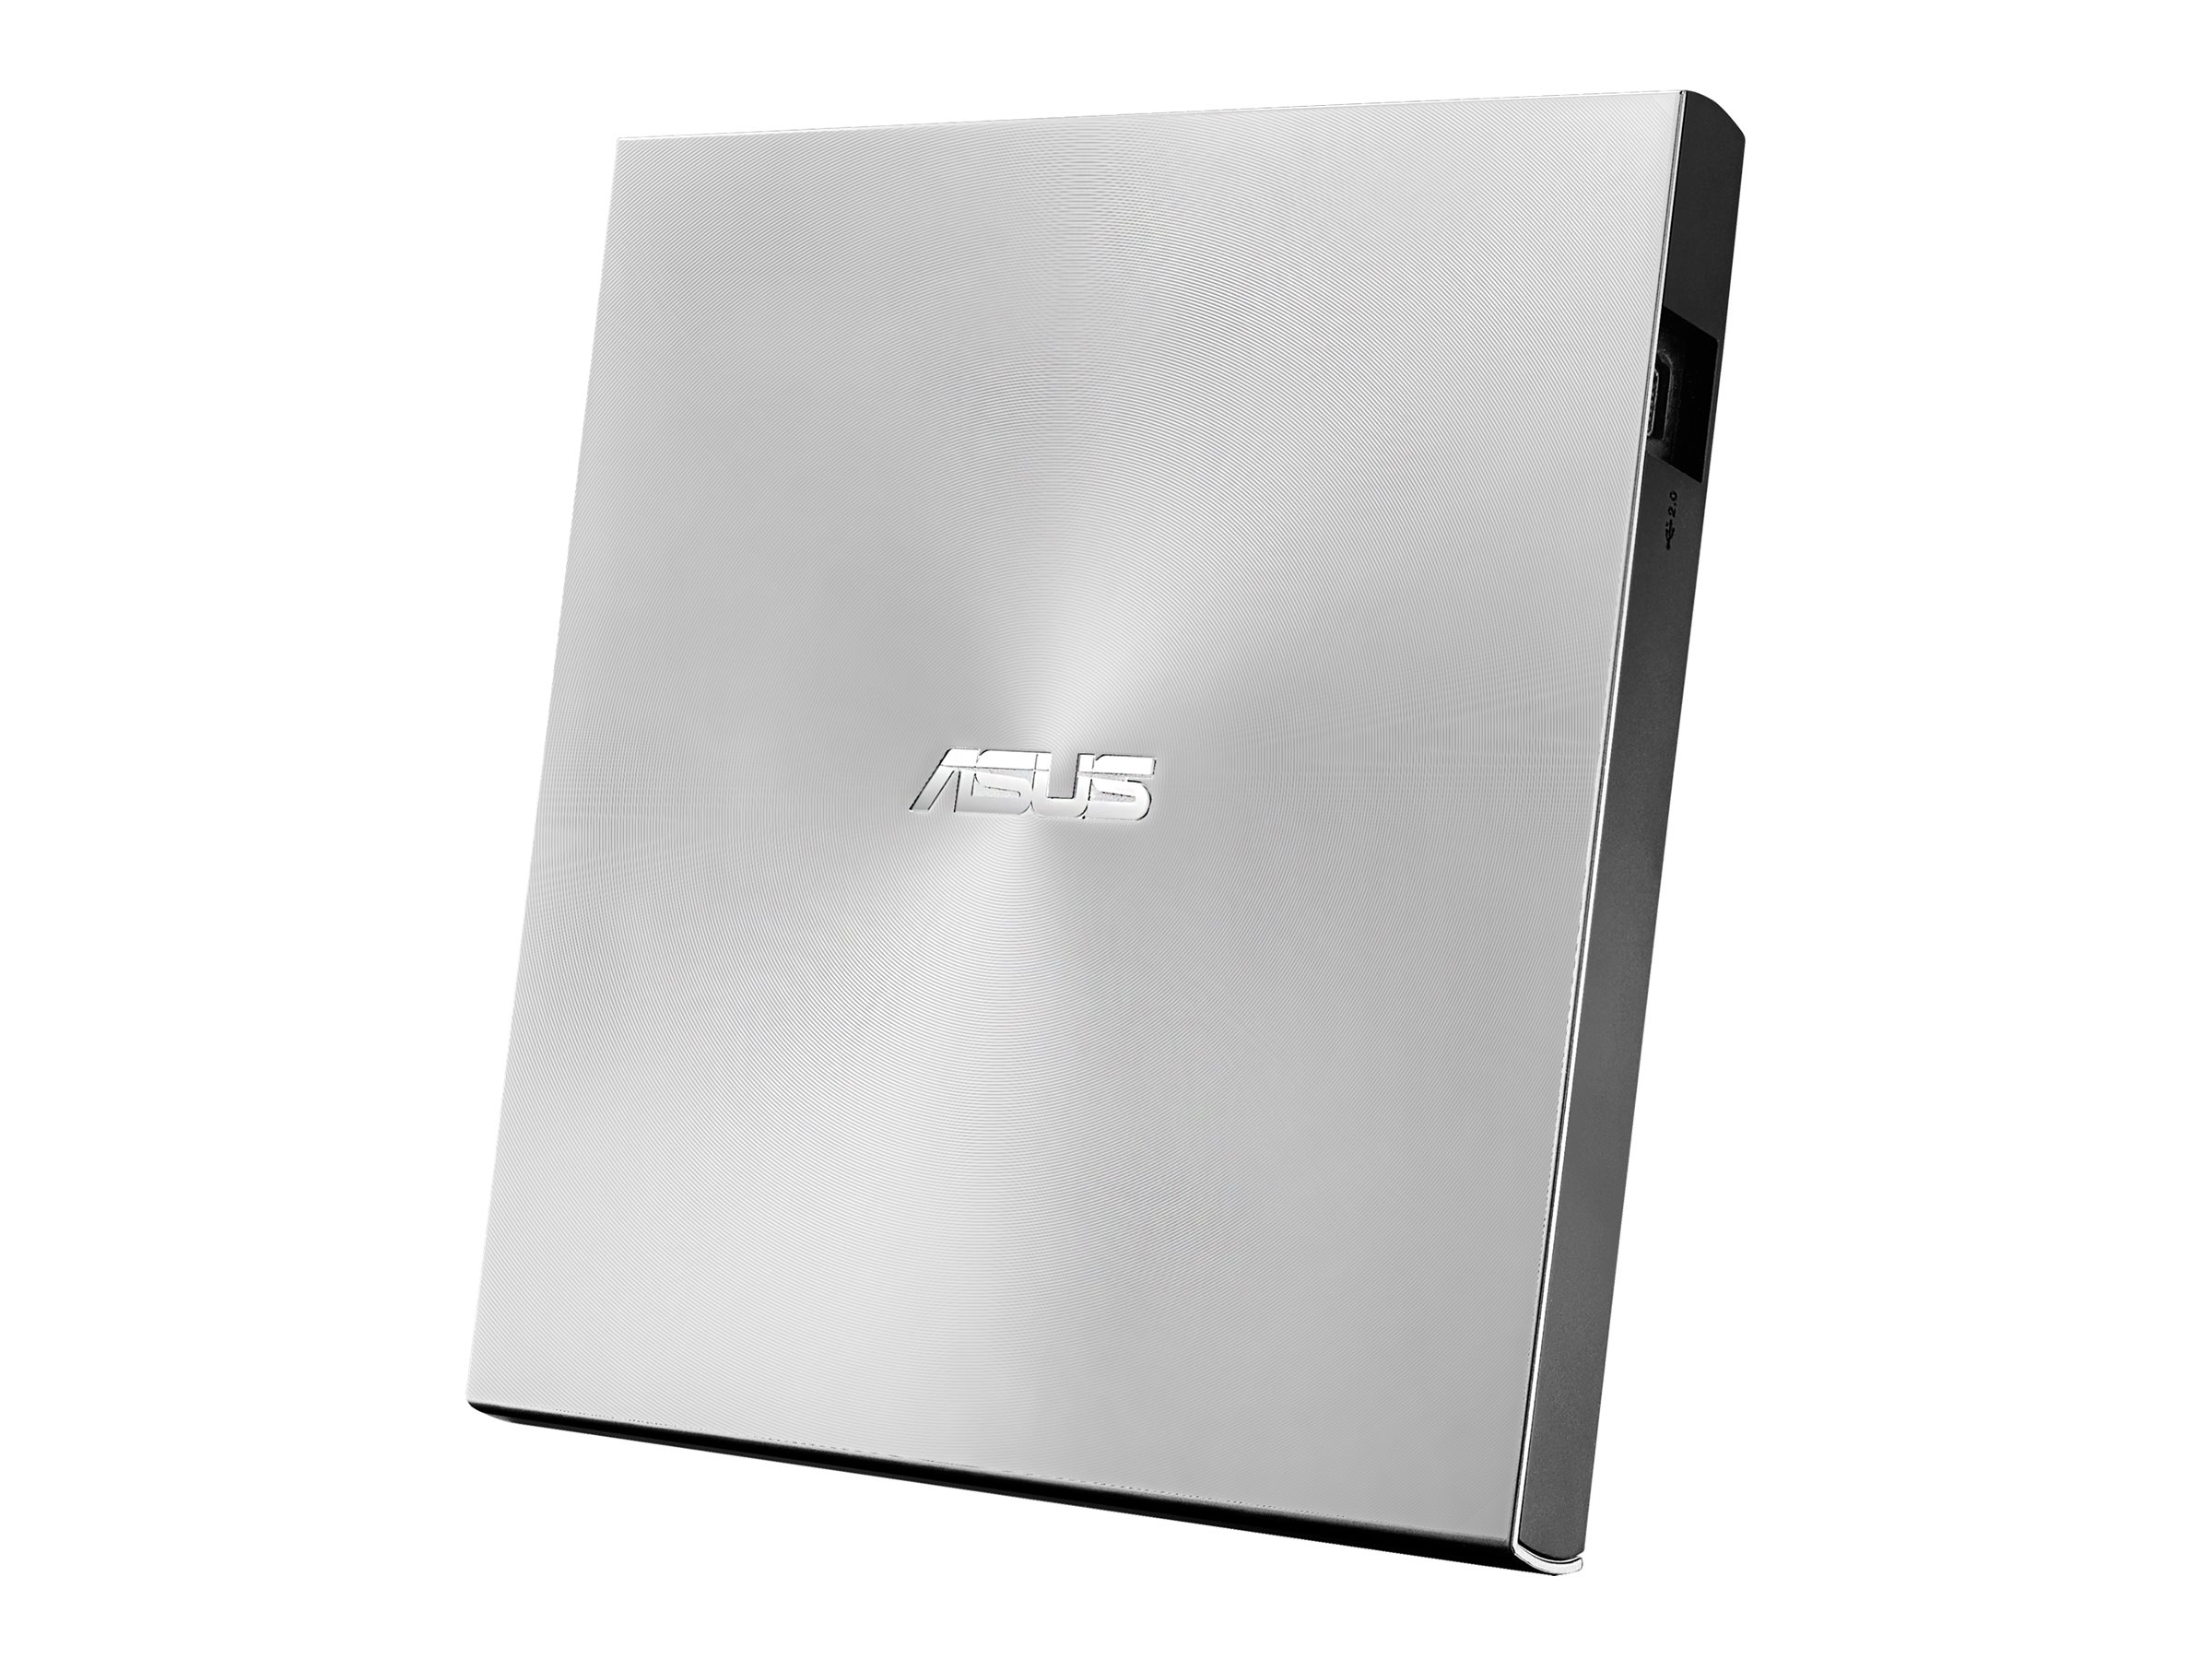 ASUS ZenDrive U7M SDRW-08U7M-U Laufwerk - DVD±RW (±R DL) / DVD-RAM - 8x/8x/5x - USB 2.0 - extern - Silber